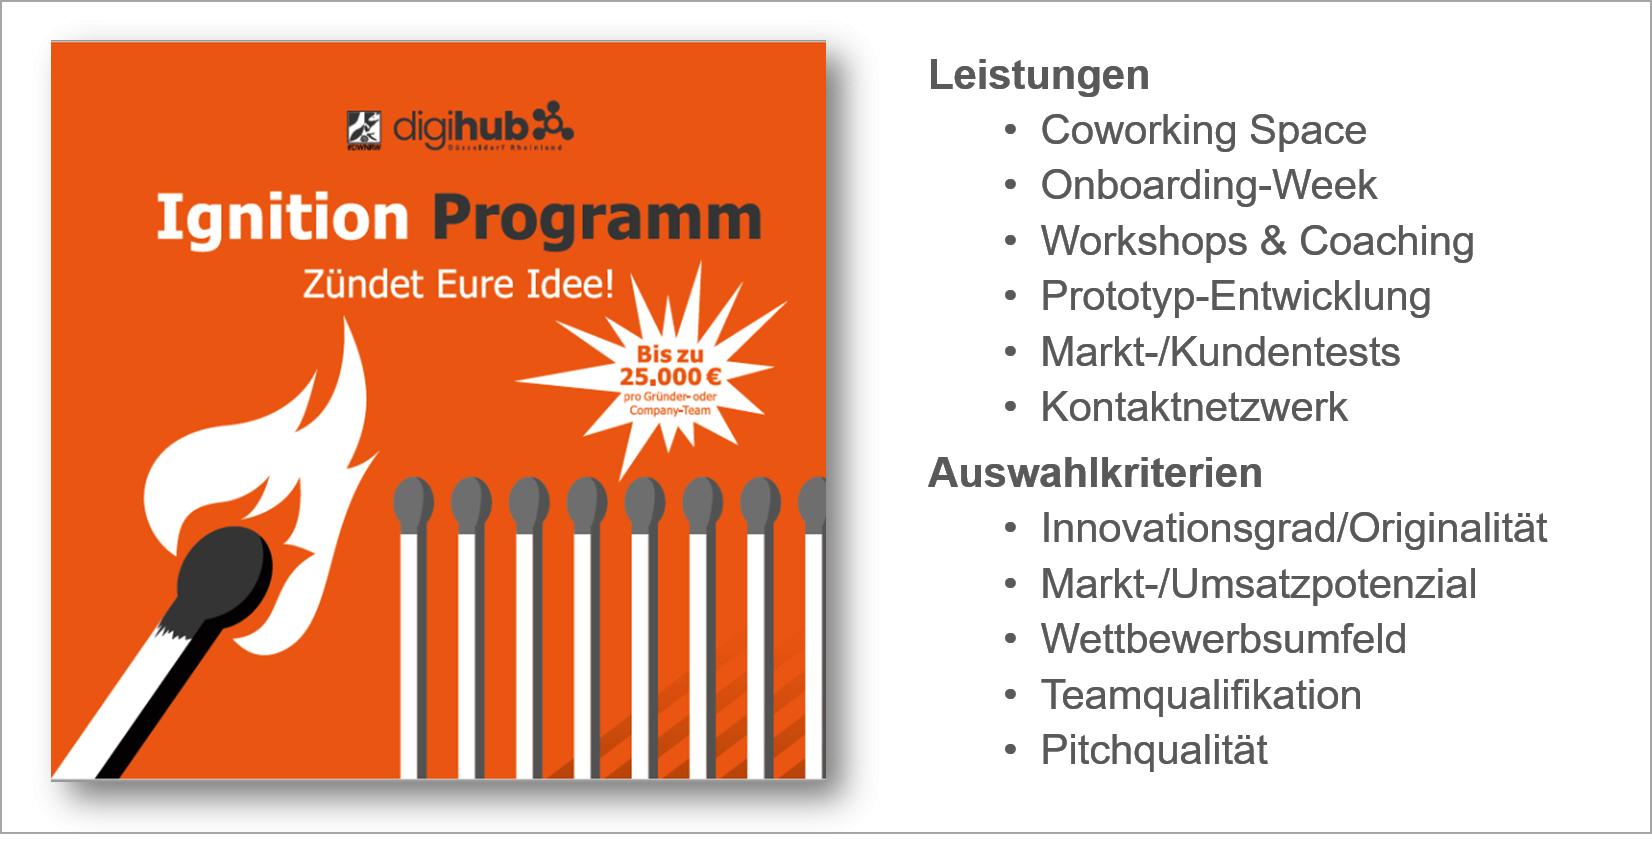 Das Startup-Accelerator-Programm